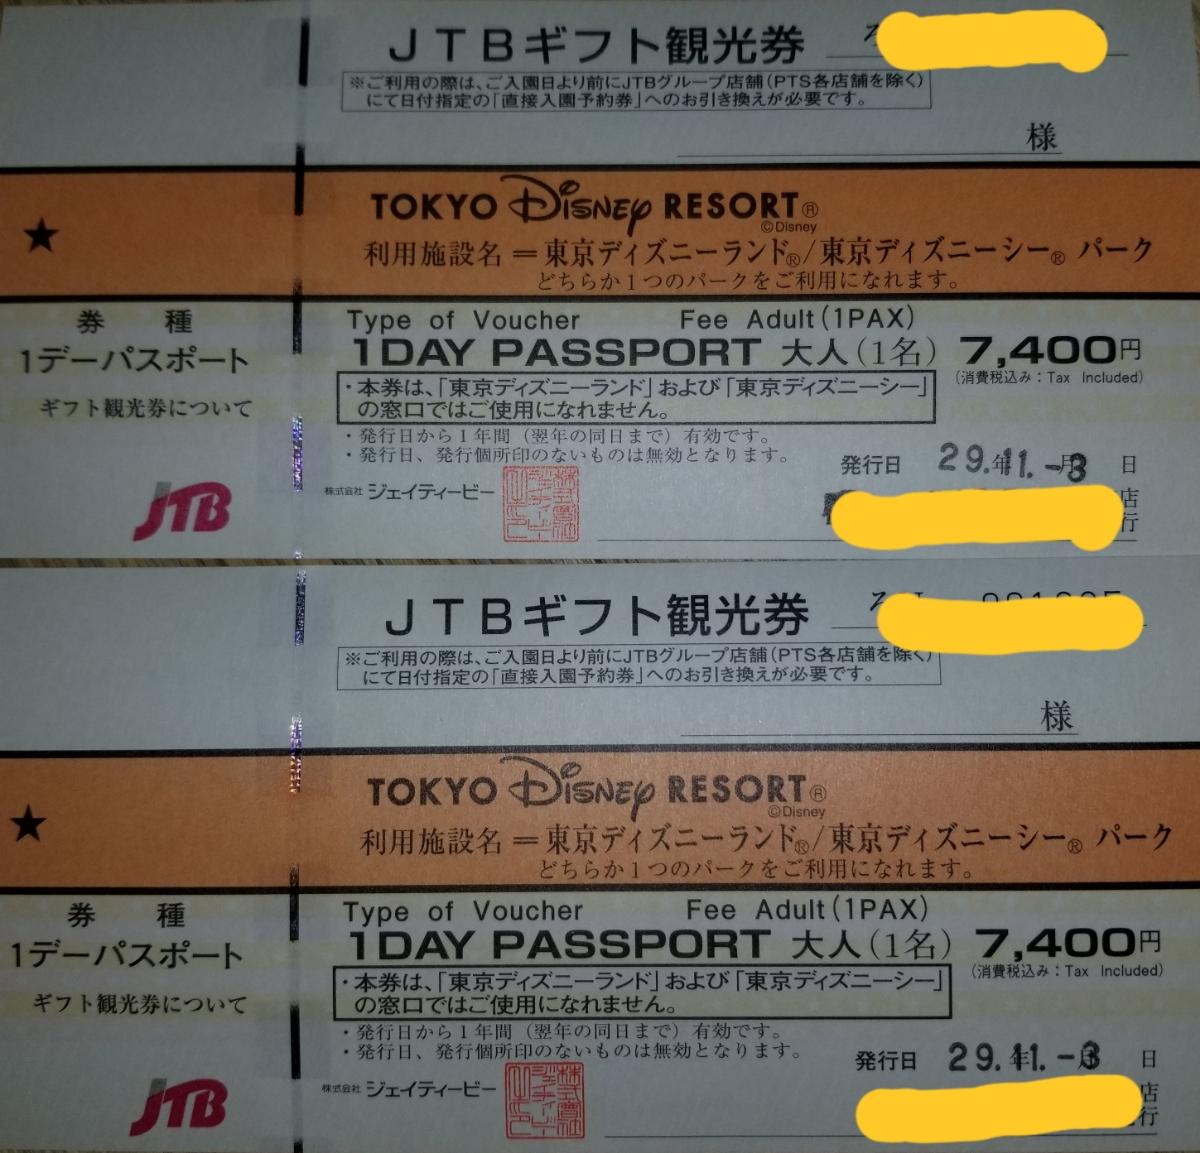 """東京ディズニーリゾートjtbギフト観光券 /【buyee】 """"buyee"""" japan"""